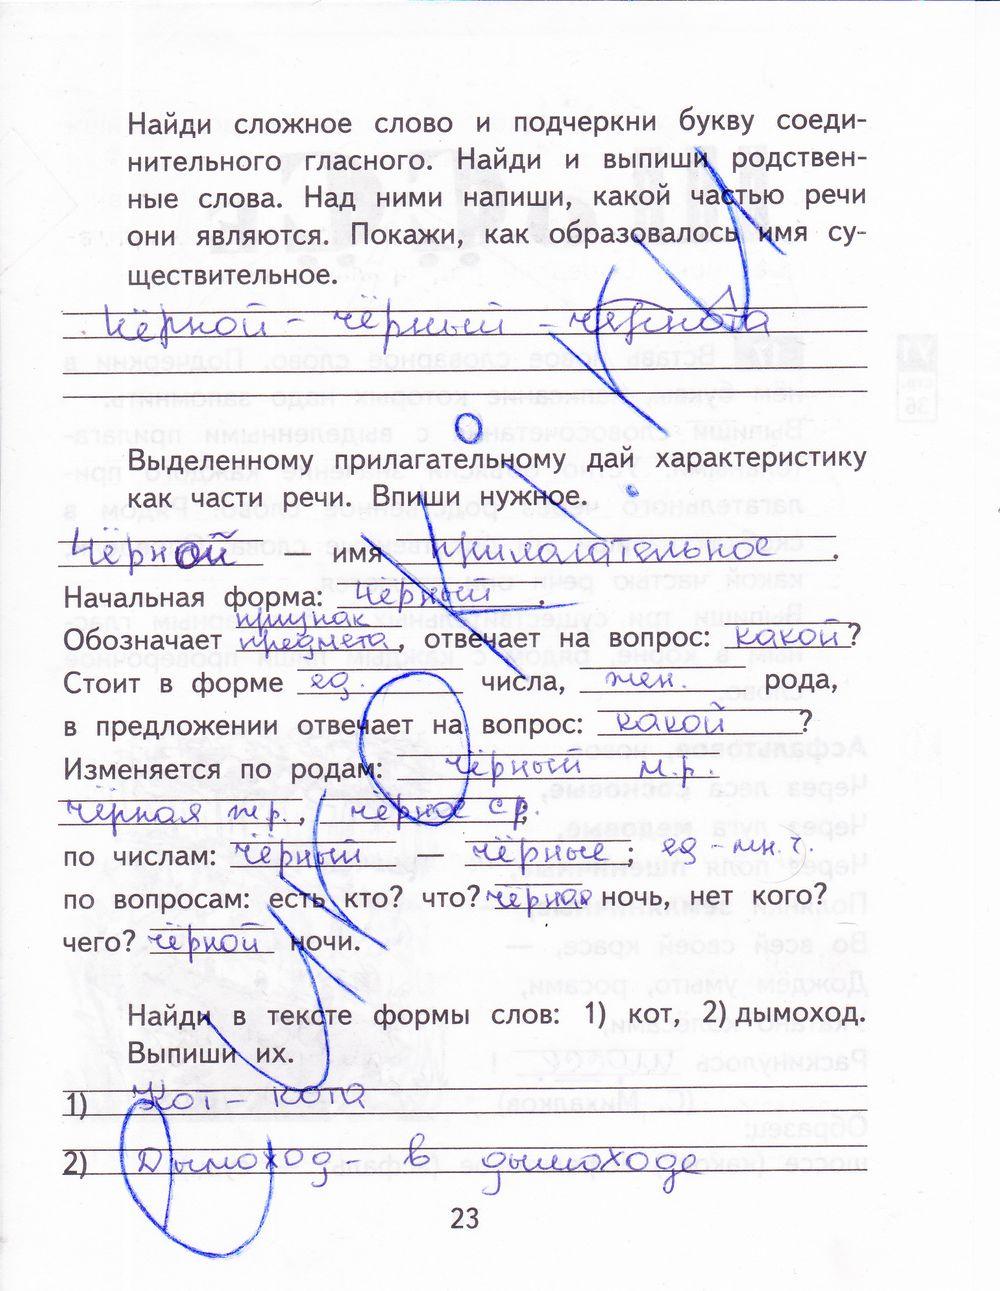 Диктанты по русскому языку 4 класс первое полугодие занков